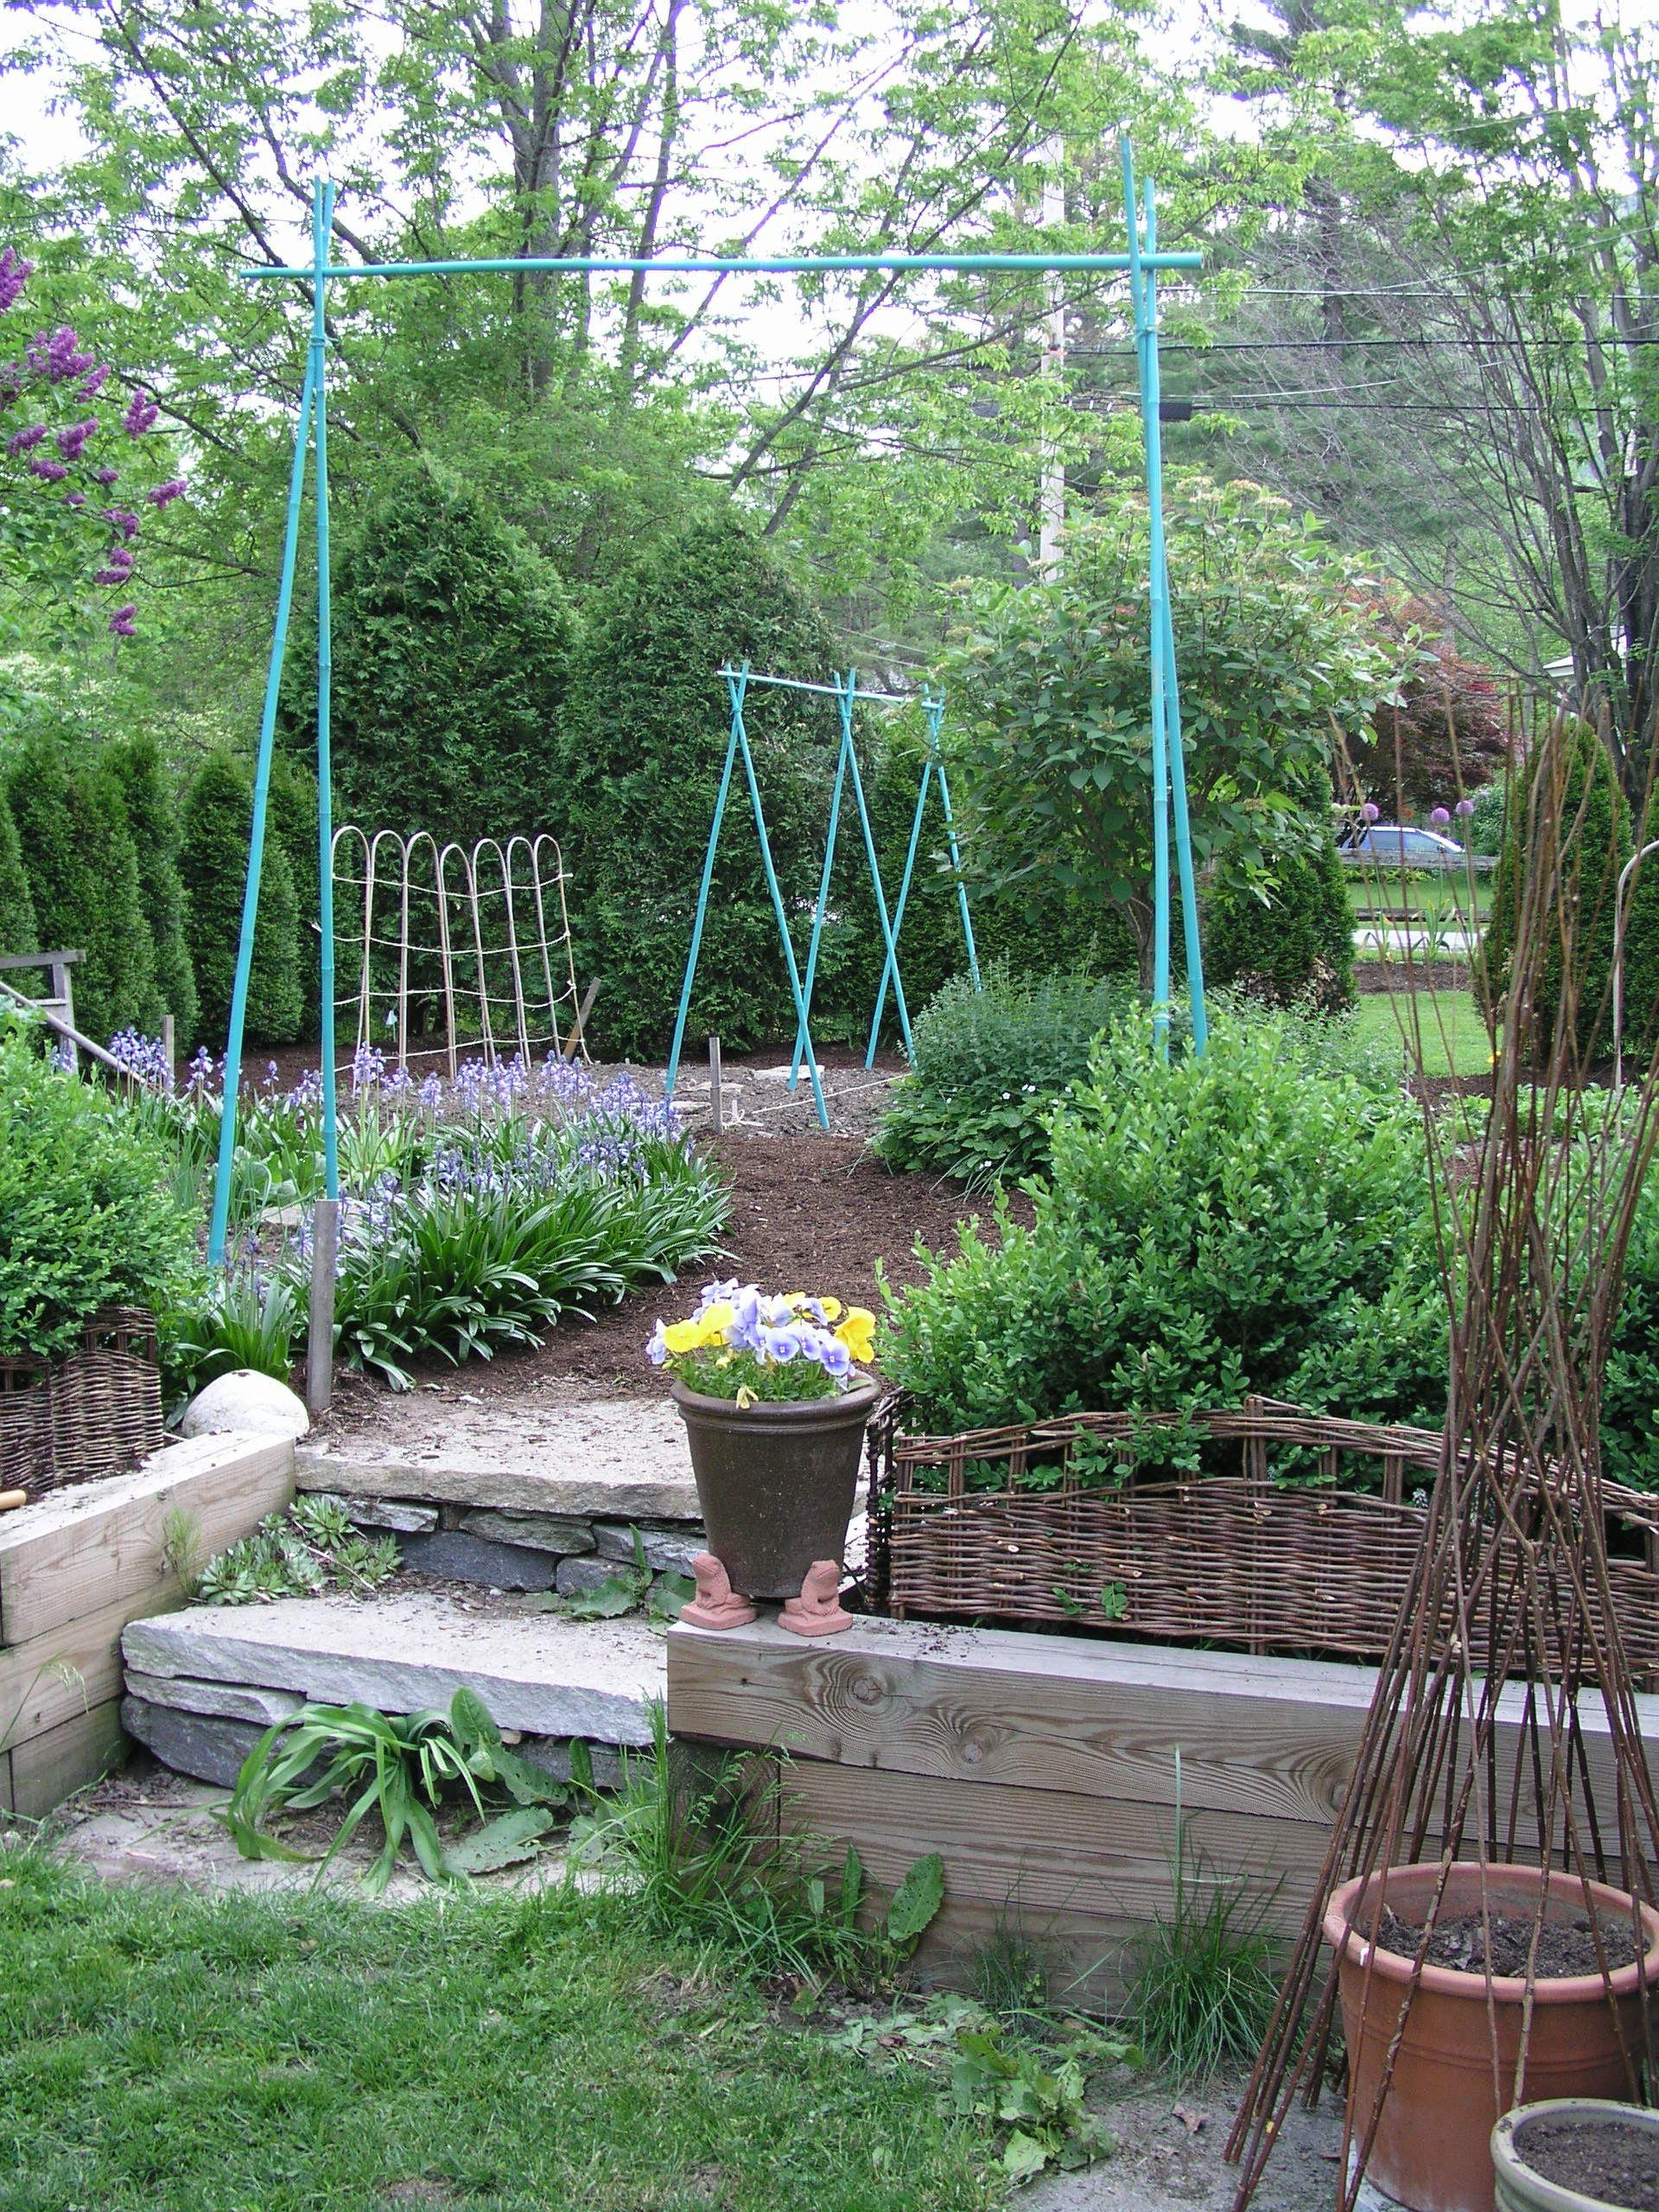 Pin on Garden Arts